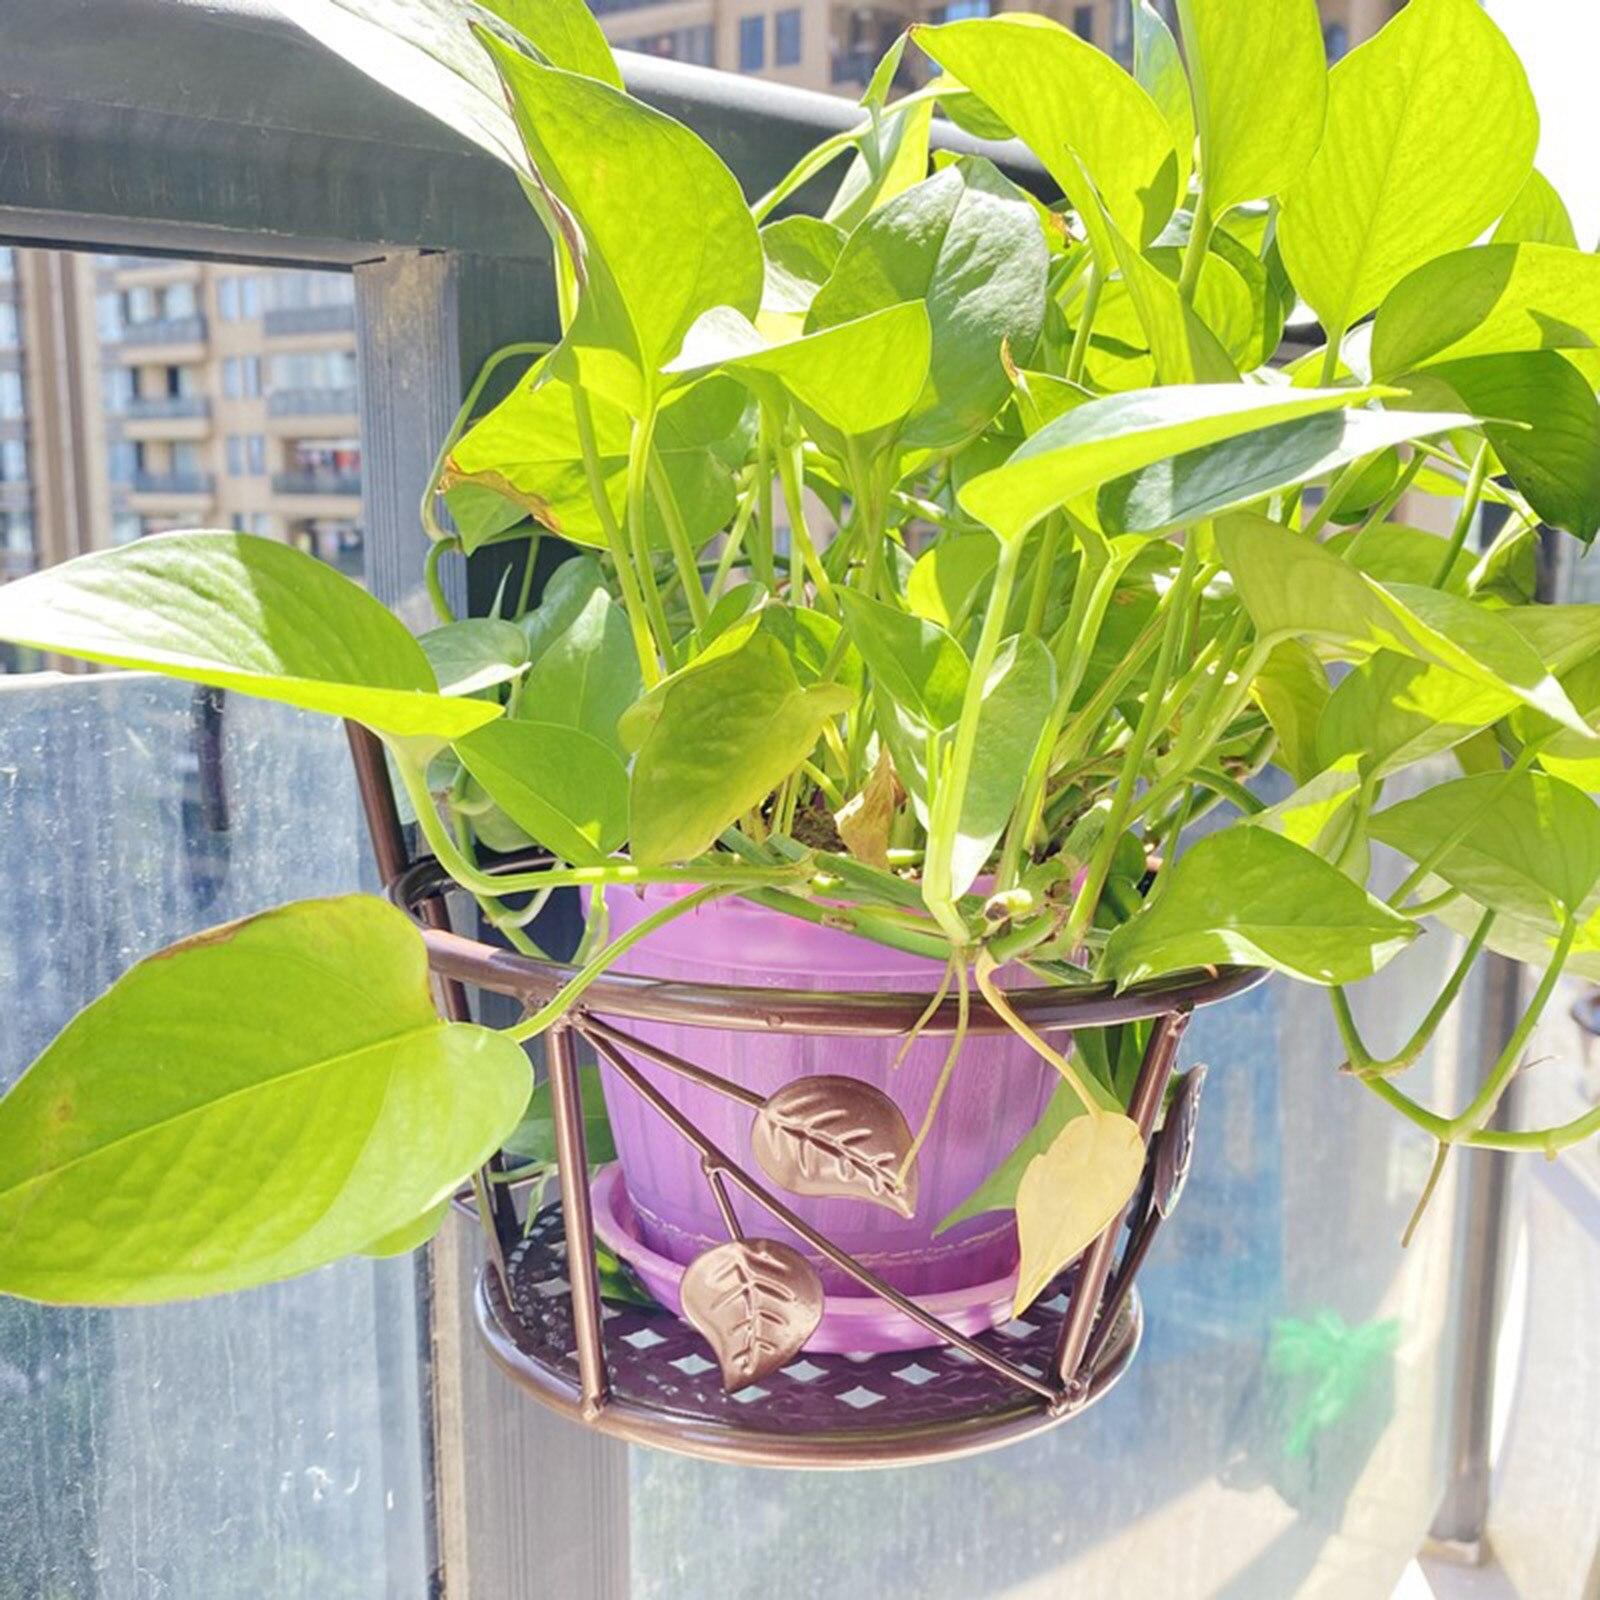 Balcony Railing Flower Pot Holder Flower Rack Hanging Planter Shelf